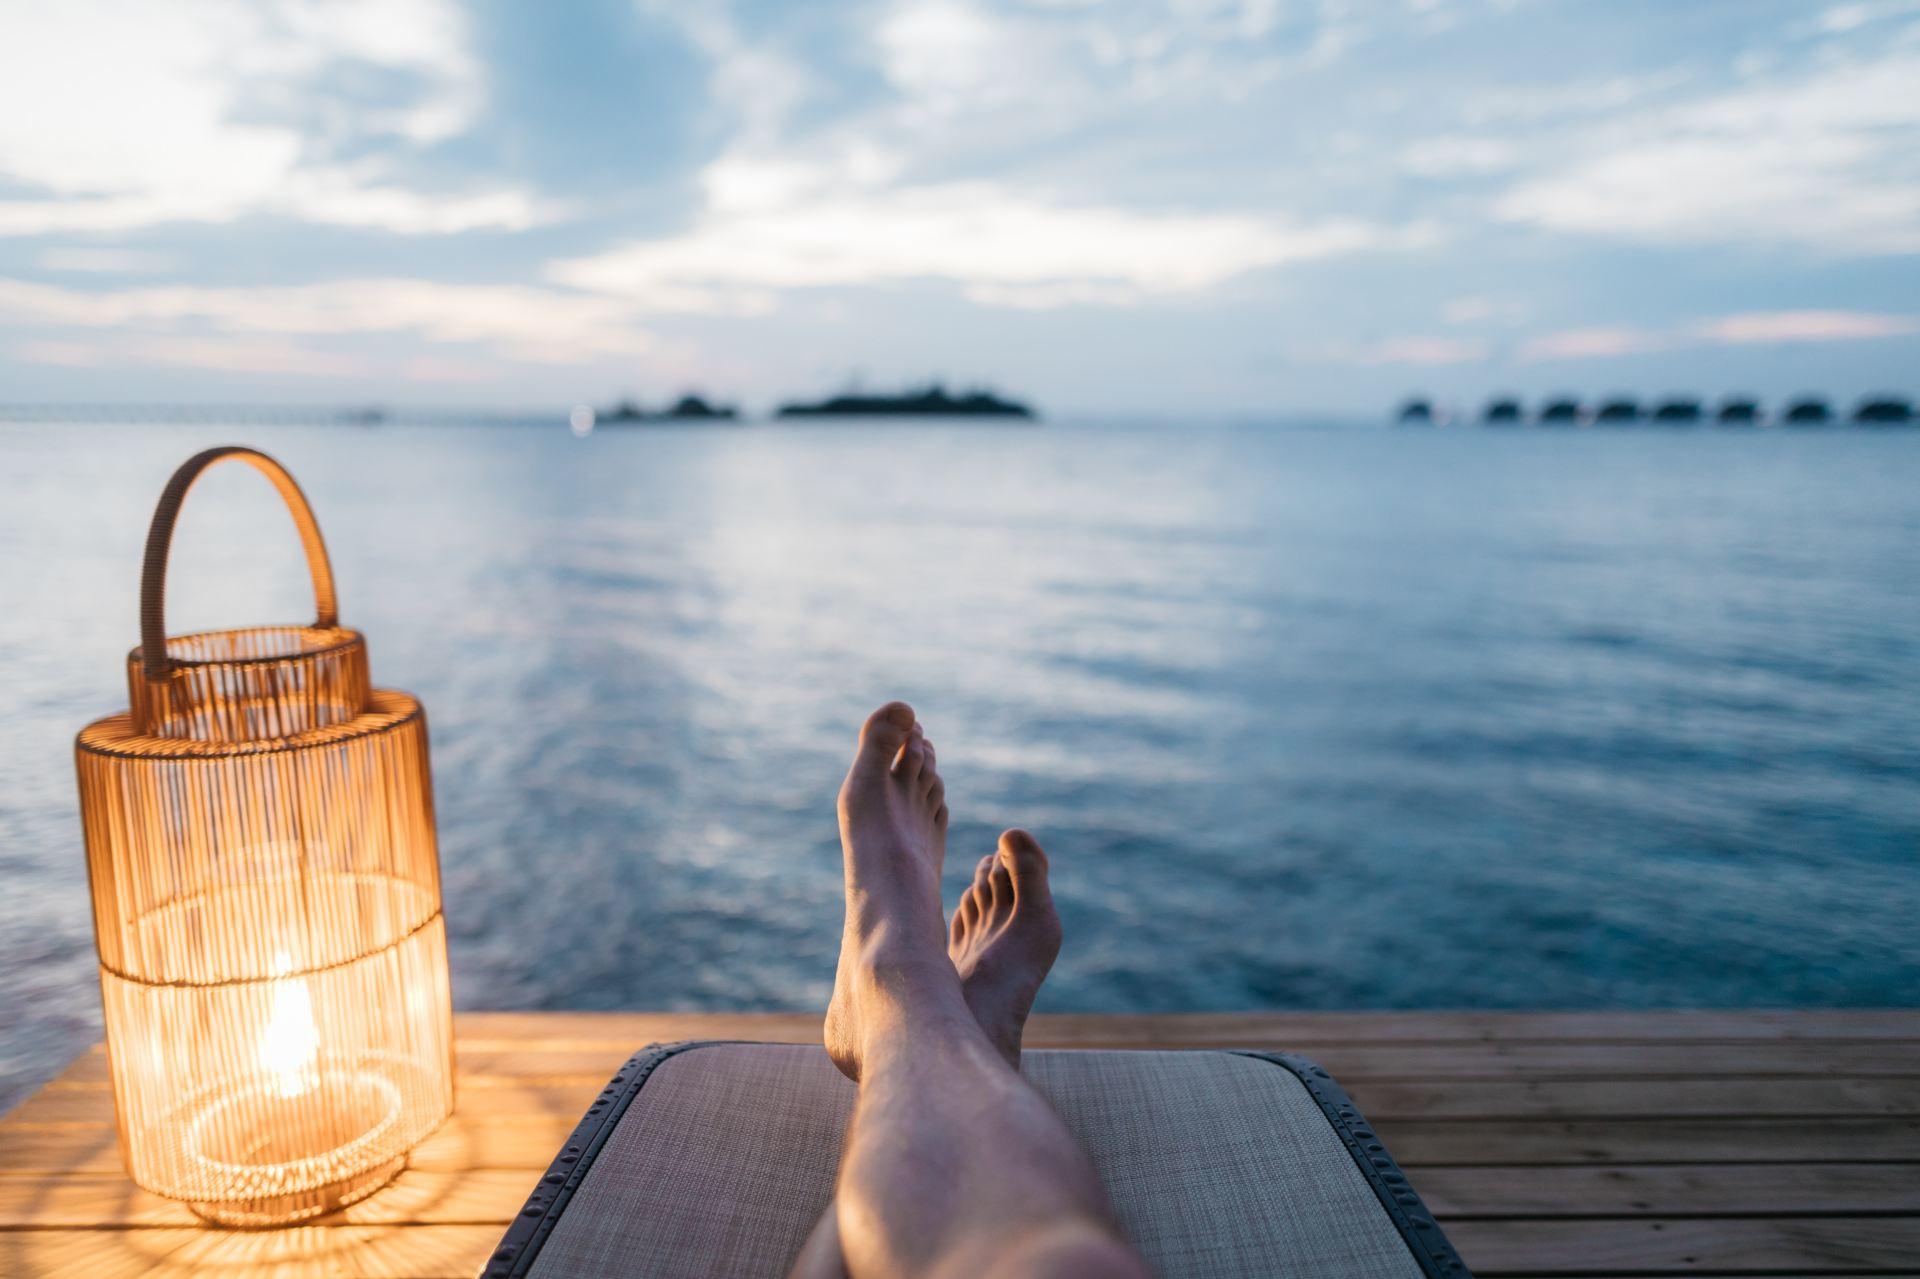 Θάλασσα Οφέλη Υγεία: Μια βόλτα στη θάλασσα μπορεί να σας αναζωογονήσει [vid]